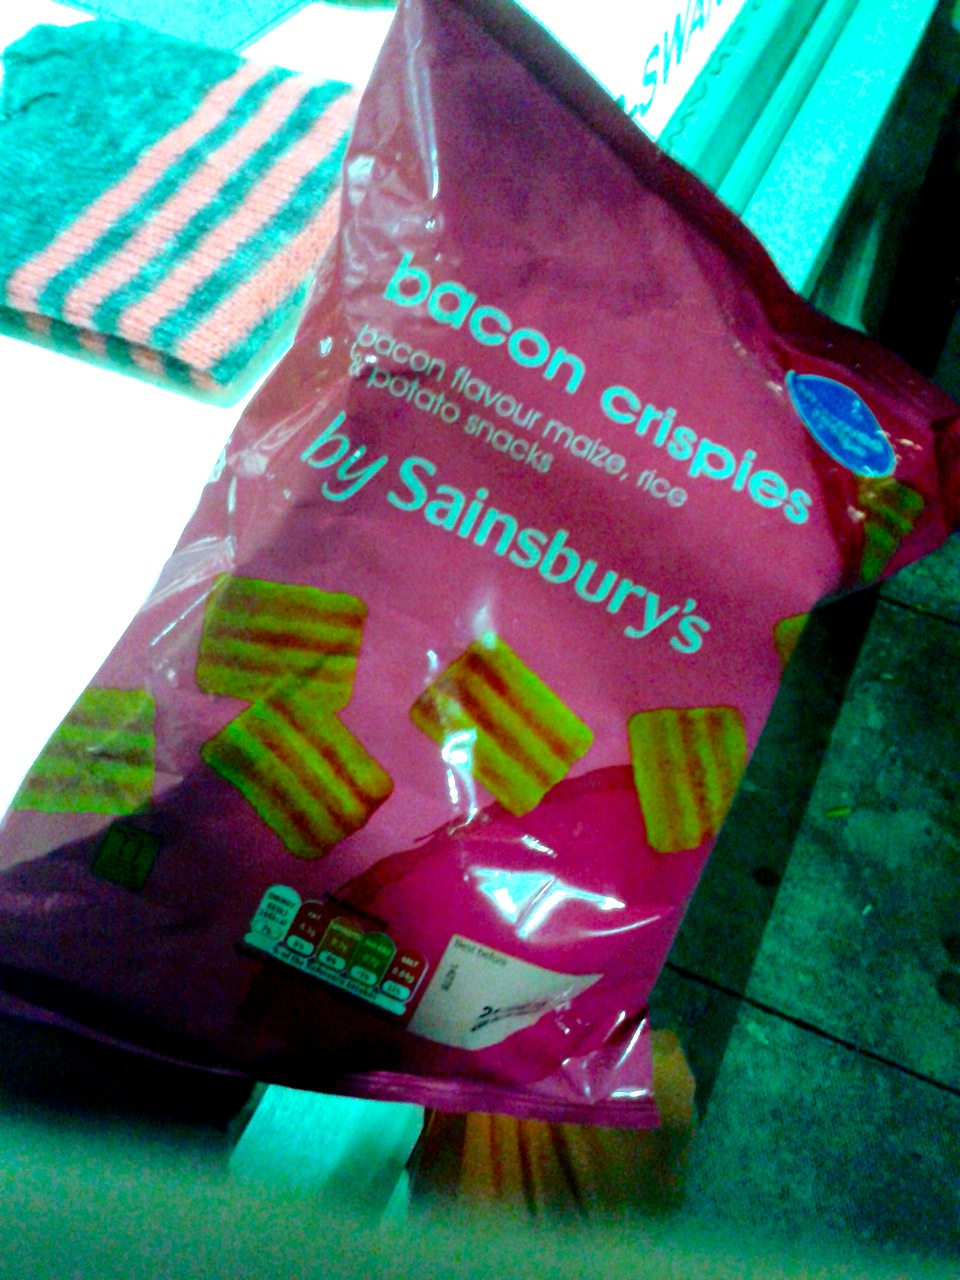 http://i1.wp.com/fatgayvegan.com/wp-content/uploads/2014/11/bacon-crispies.jpg?fit=960%2C1280